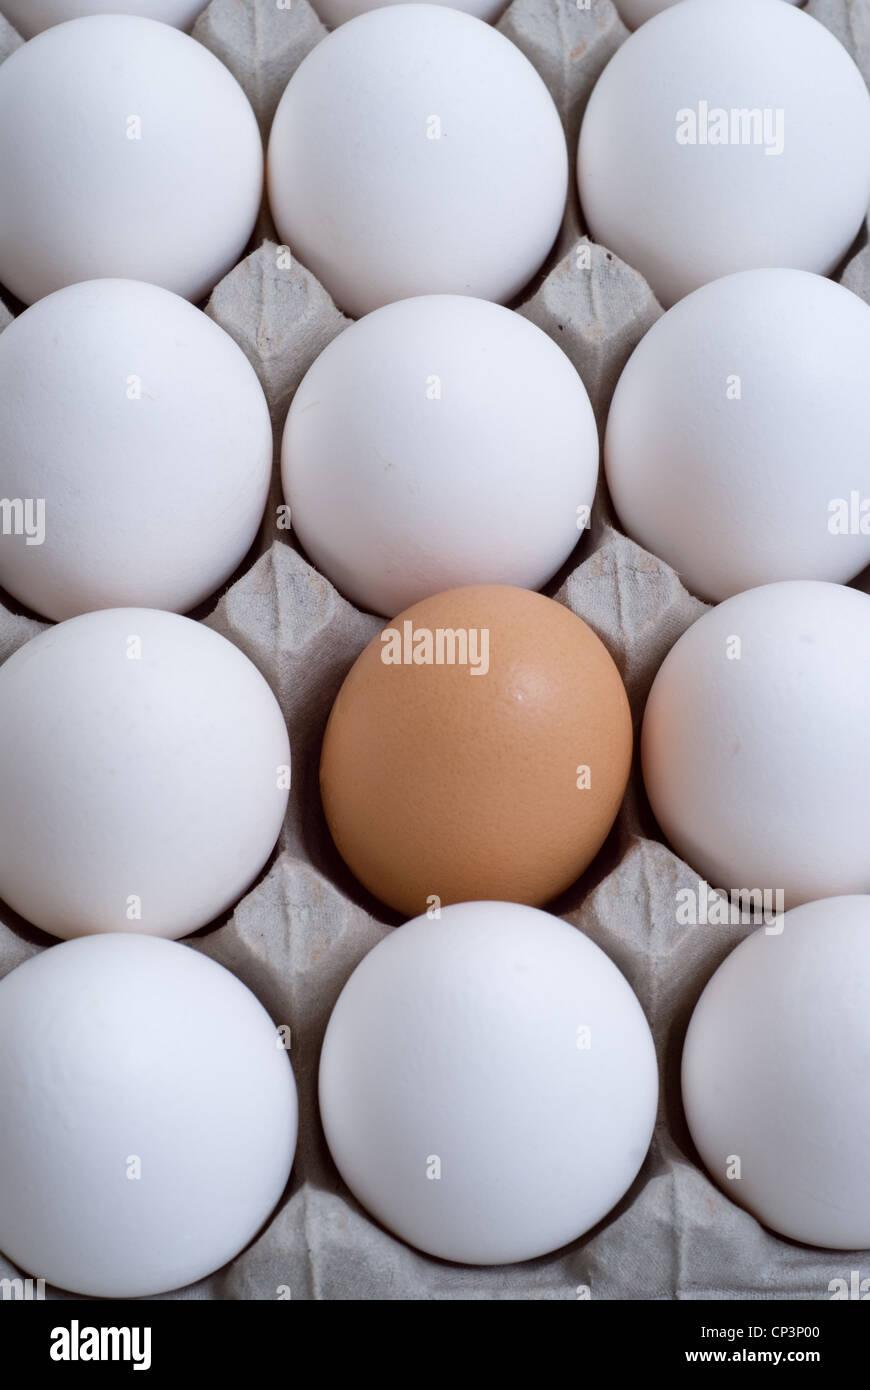 Weißen Eiern mit einem braunen Ei, konzeptionelle Bilder. Stockfoto